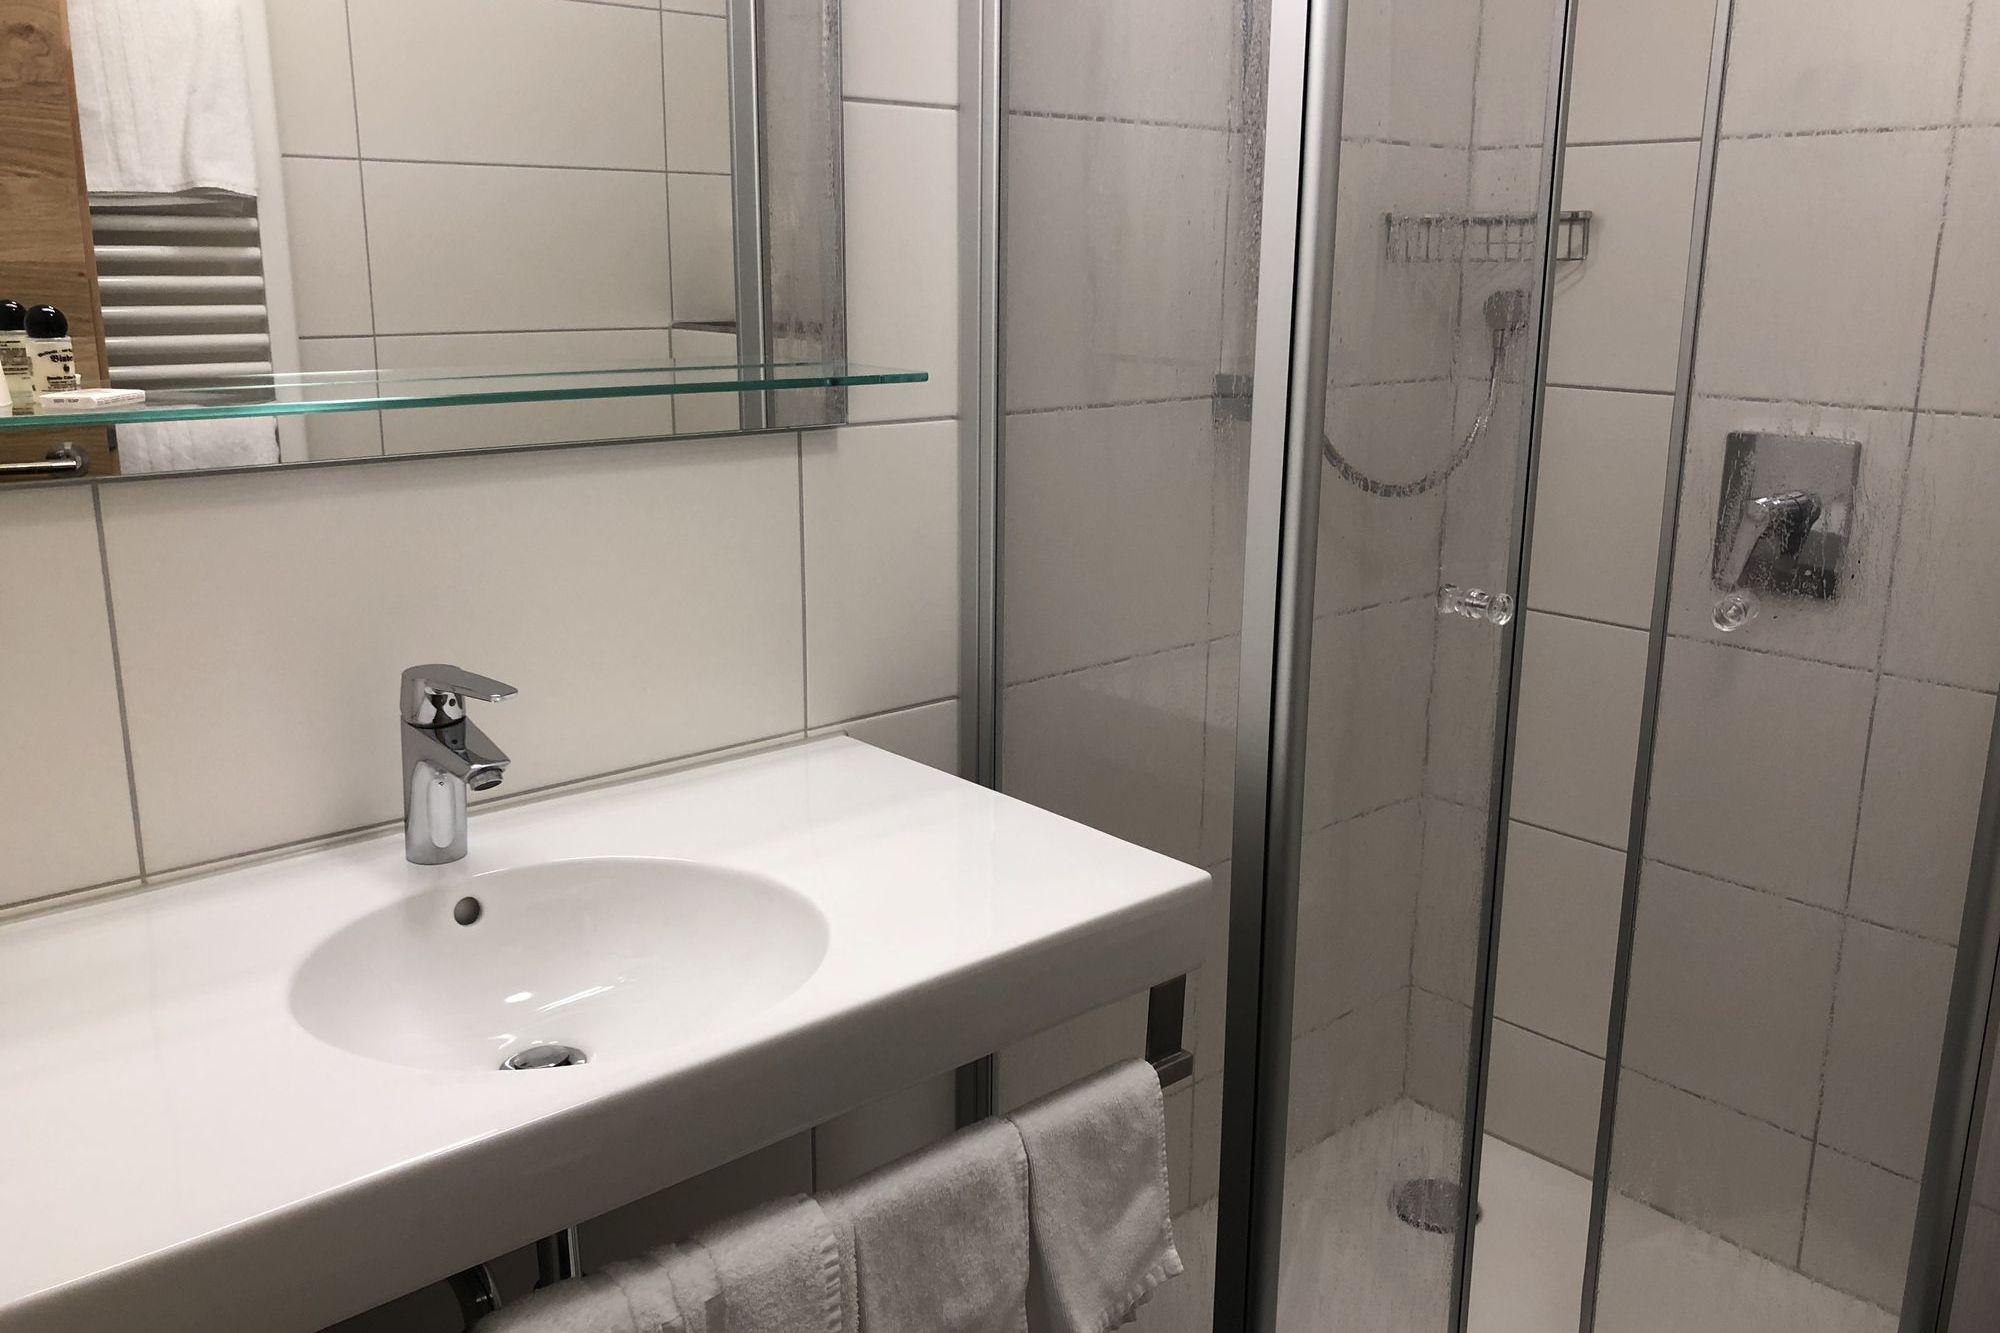 https://www.hotelbinder.de/wp-content/uploads/doppelzimmer2_4.jpg